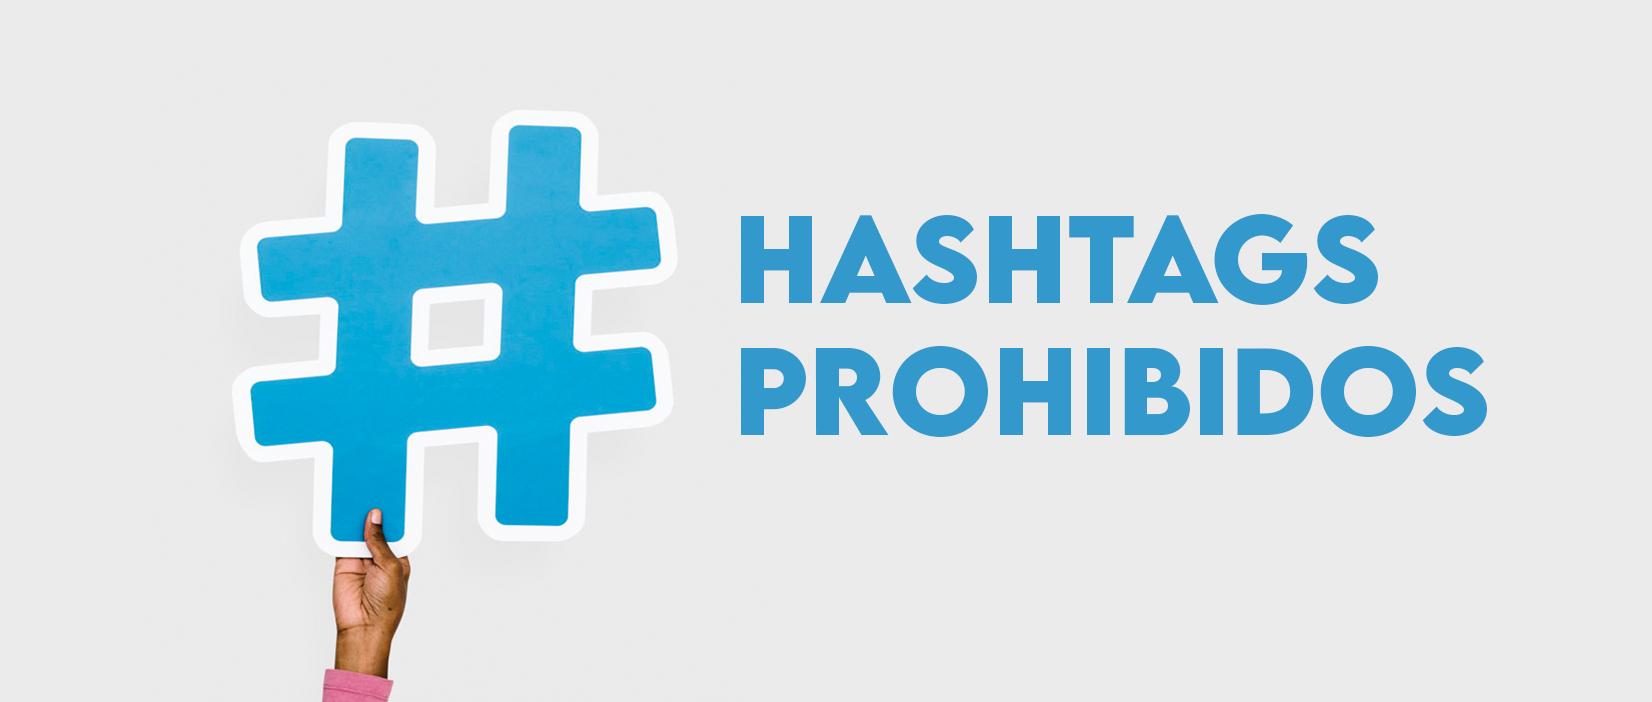 ¿Hay hashtags prohibidos en Instagram?